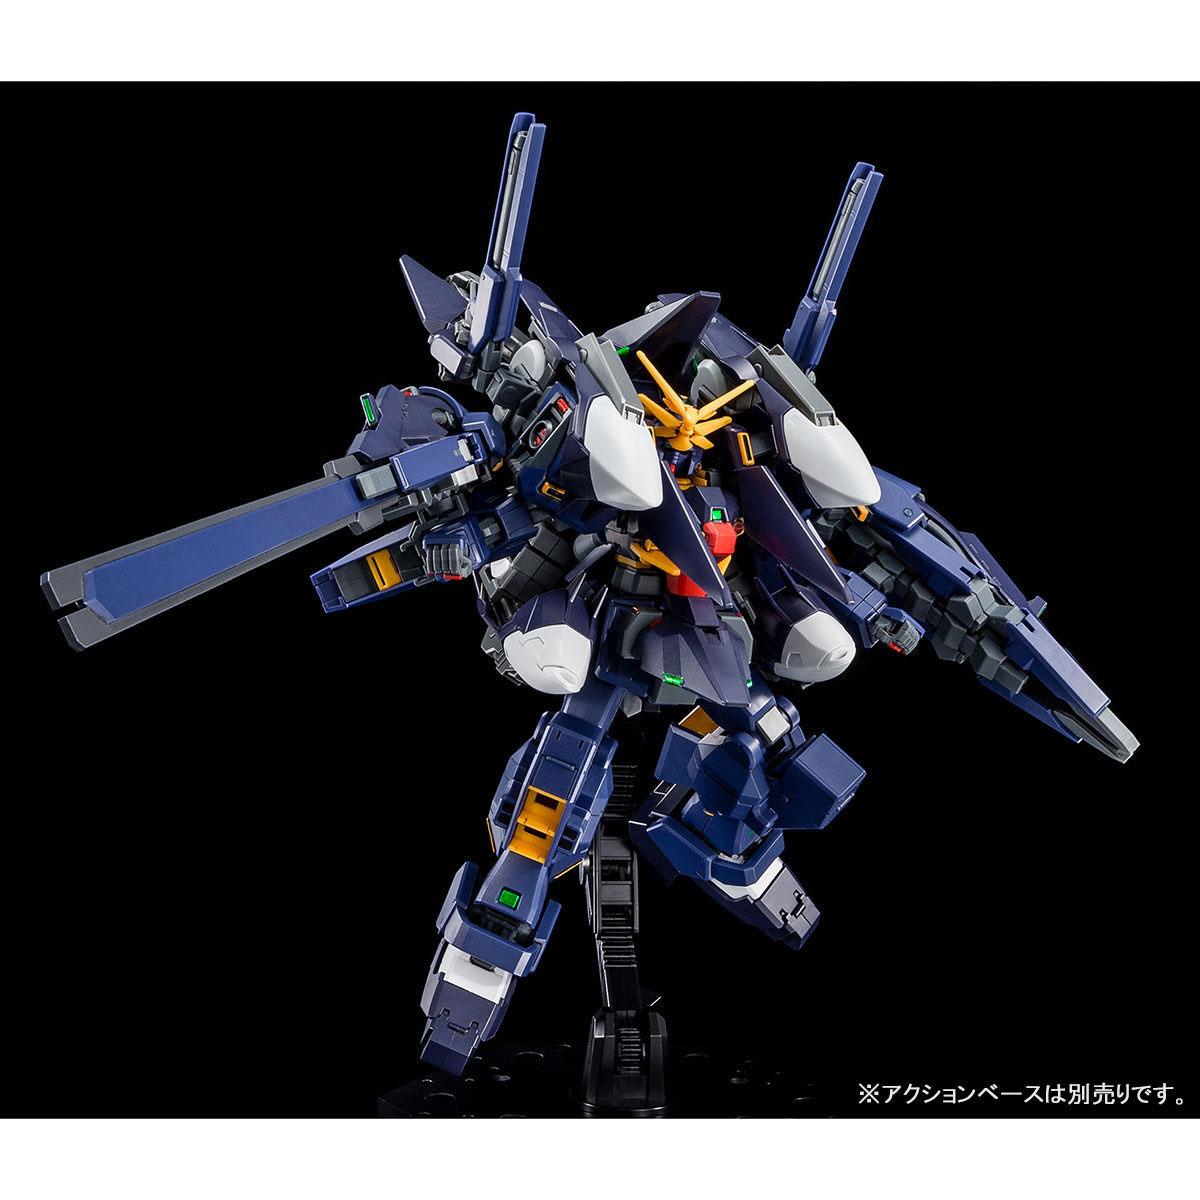 【限定販売】HG 1/144『ガンダムTR-1[ハイゼンスレイ・ラーII]』プラモデル-005